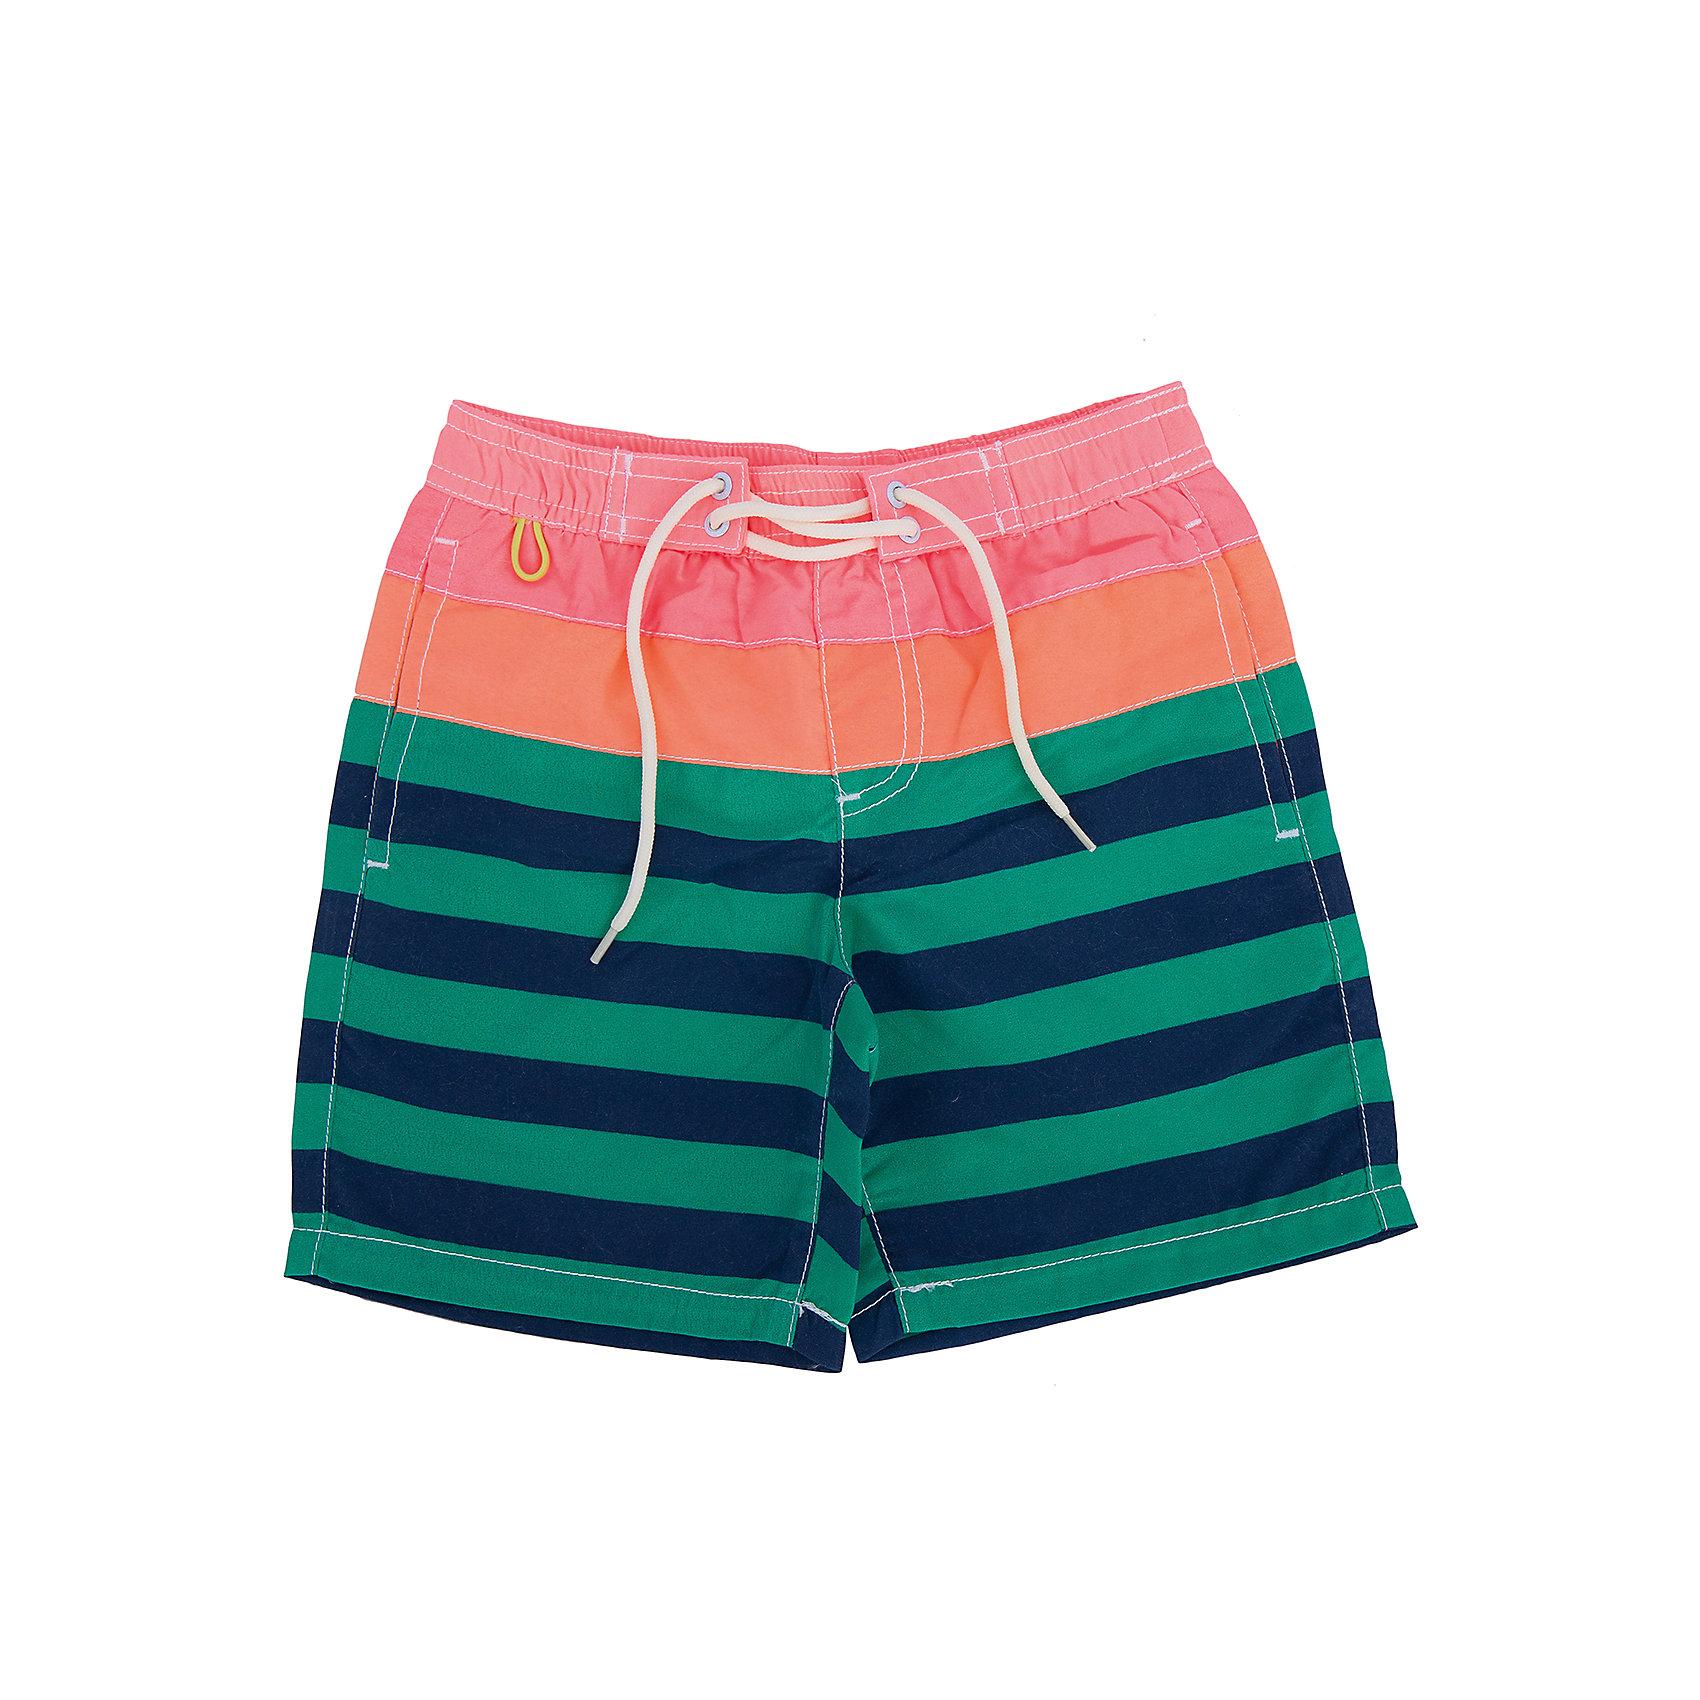 Шорты для мальчика SELAШорты, бриджи, капри<br>Яркие шорты для мальчика от популярного бренда SELA. Изделие предназначено для плавания и активного отдыха на пляже и обладает следующими особенностями:<br>- эффектная расцветка;<br>- легкий быстросохнущий материал, устойчивый к агрессивным внешним воздействиям (солнце, песок, галька, соль и т.п.);<br>- пояс на резинке и шнуровка;<br>- вентиляционные отверстия для свободной циркуляции воздуха;<br>- внутри плавки из белой сетки;<br>- удобные карманы;<br>- привлекательный дизайн;<br>- комфортный крой.<br>Прекрасный выбор для пляжного отдыха!<br><br>Дополнительная информация:<br>- состав: 100% полиэстер<br>- цвет: комбинированный<br><br>Шорты для мальчика SELA (СЕЛА) можно купить в нашем магазине<br><br>Ширина мм: 191<br>Глубина мм: 10<br>Высота мм: 175<br>Вес г: 273<br>Цвет: синий<br>Возраст от месяцев: 48<br>Возраст до месяцев: 60<br>Пол: Мужской<br>Возраст: Детский<br>Размер: 110,116,92,98,104<br>SKU: 4741985